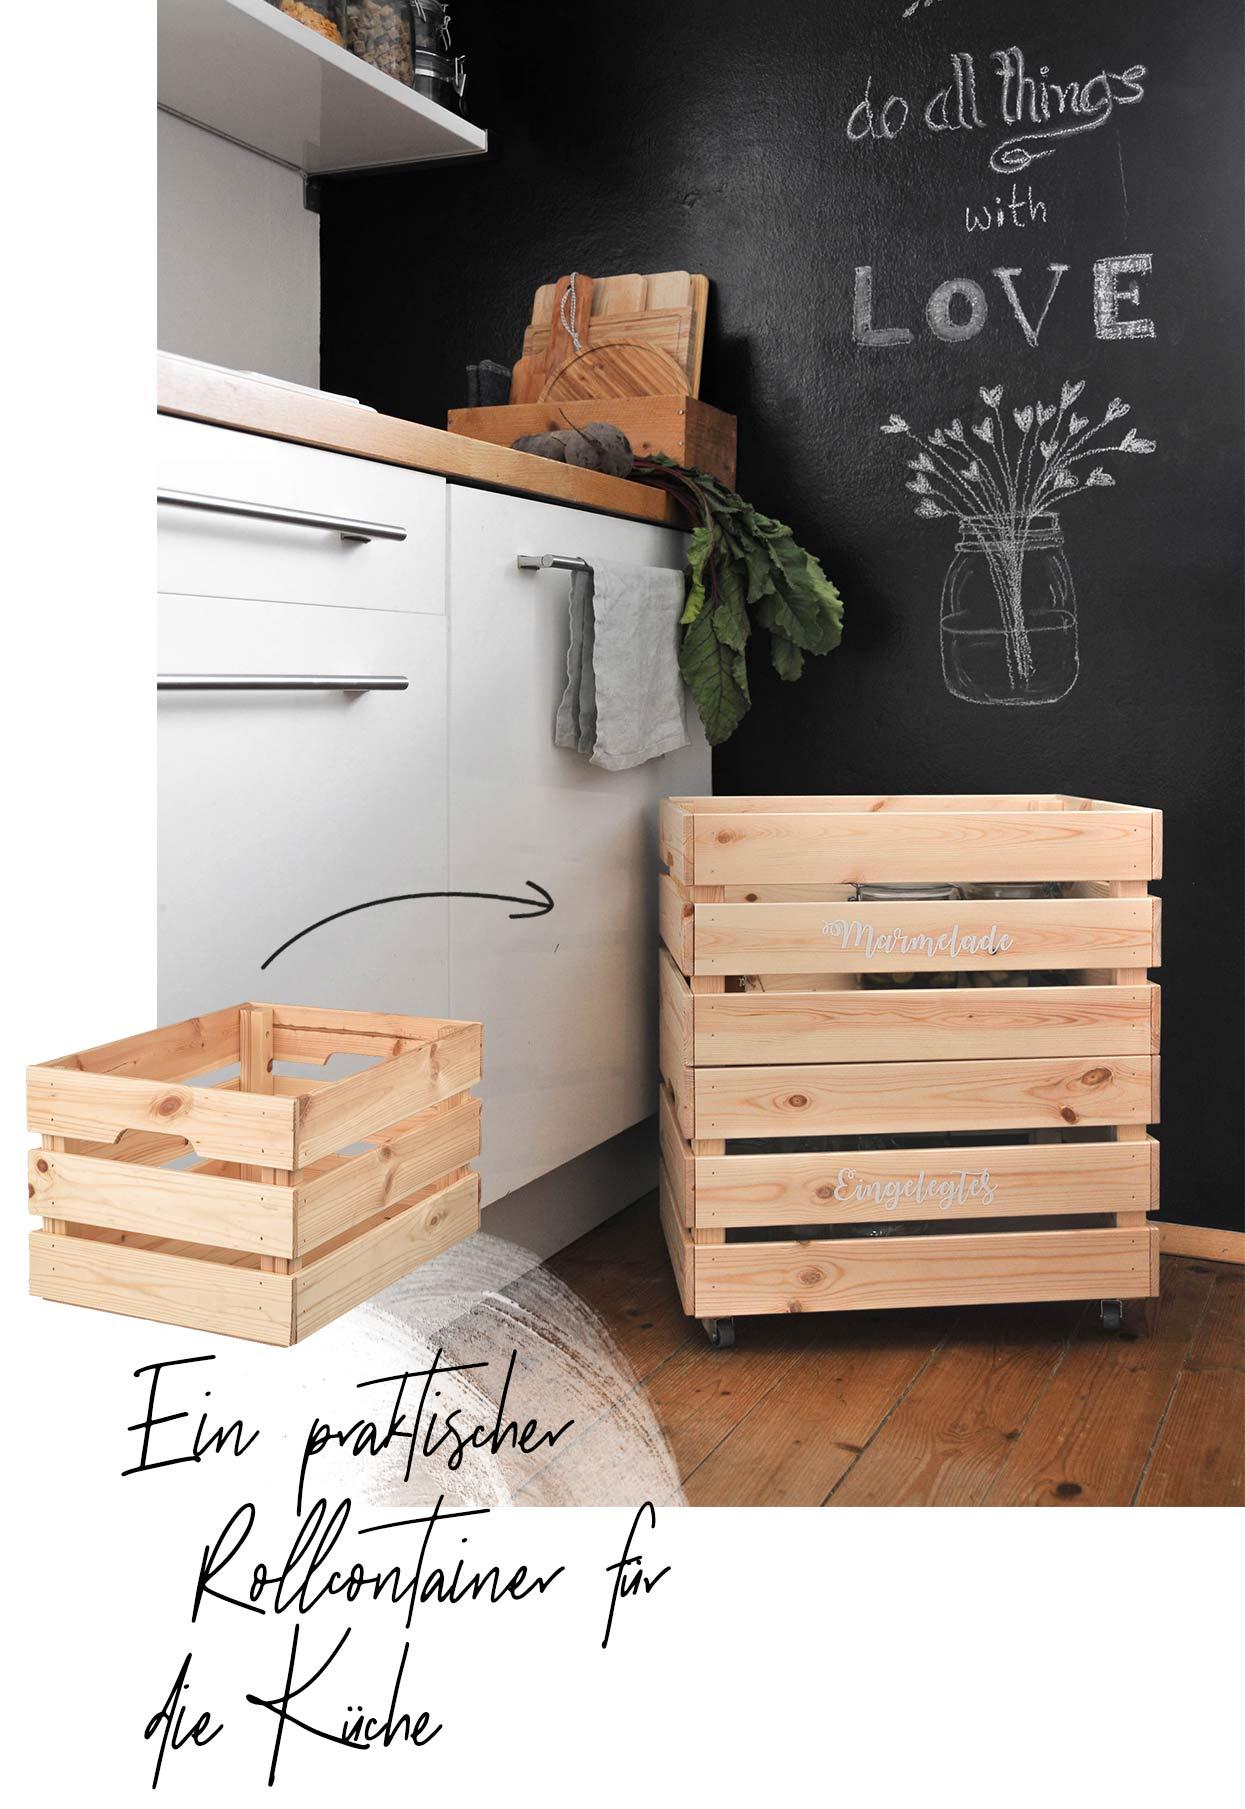 Full Size of Ikea Aufbewahrung Küche Toller Hack Einen Rollcontainer Selber Bauen Wohnklamotte Einbauküche Kaufen L Mit Kochinsel Lampen Betonoptik Billige Bodenfliesen Wohnzimmer Ikea Aufbewahrung Küche